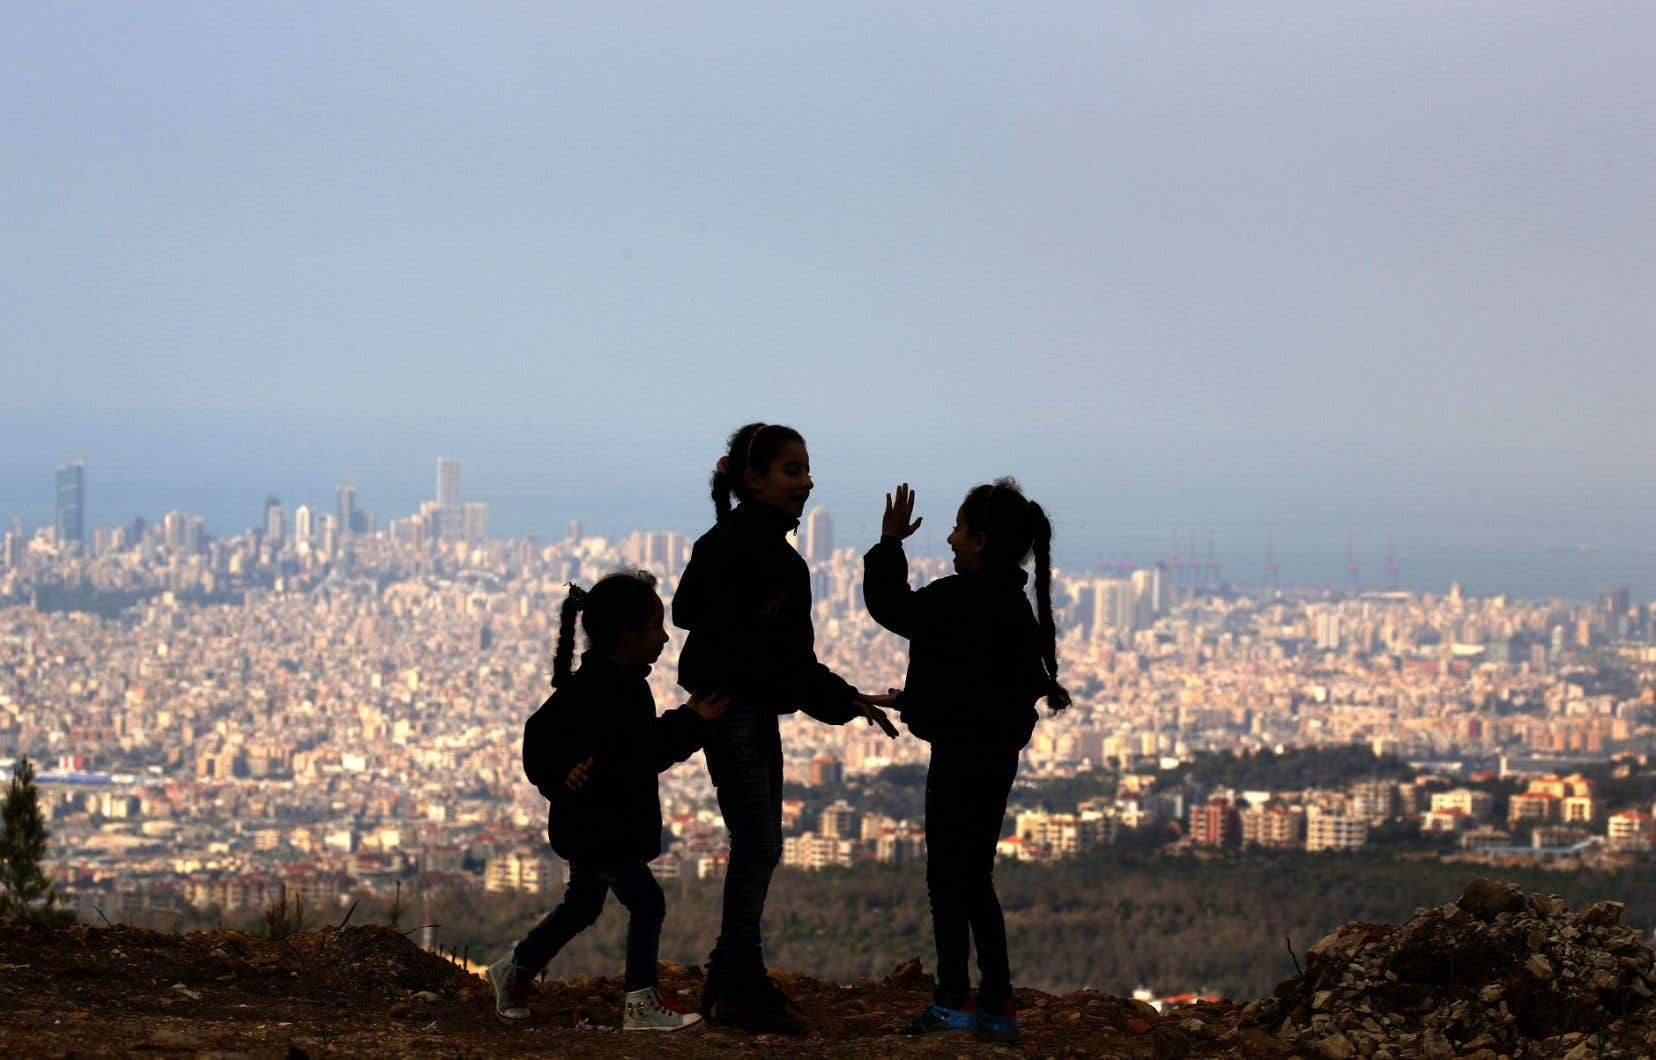 Voisin d'une Syrie déchirée par plus de cinq ans de guerre, le Liban a vu sa population gonfler de quelque 30% en raison de l'arrivée massive de réfugiés.